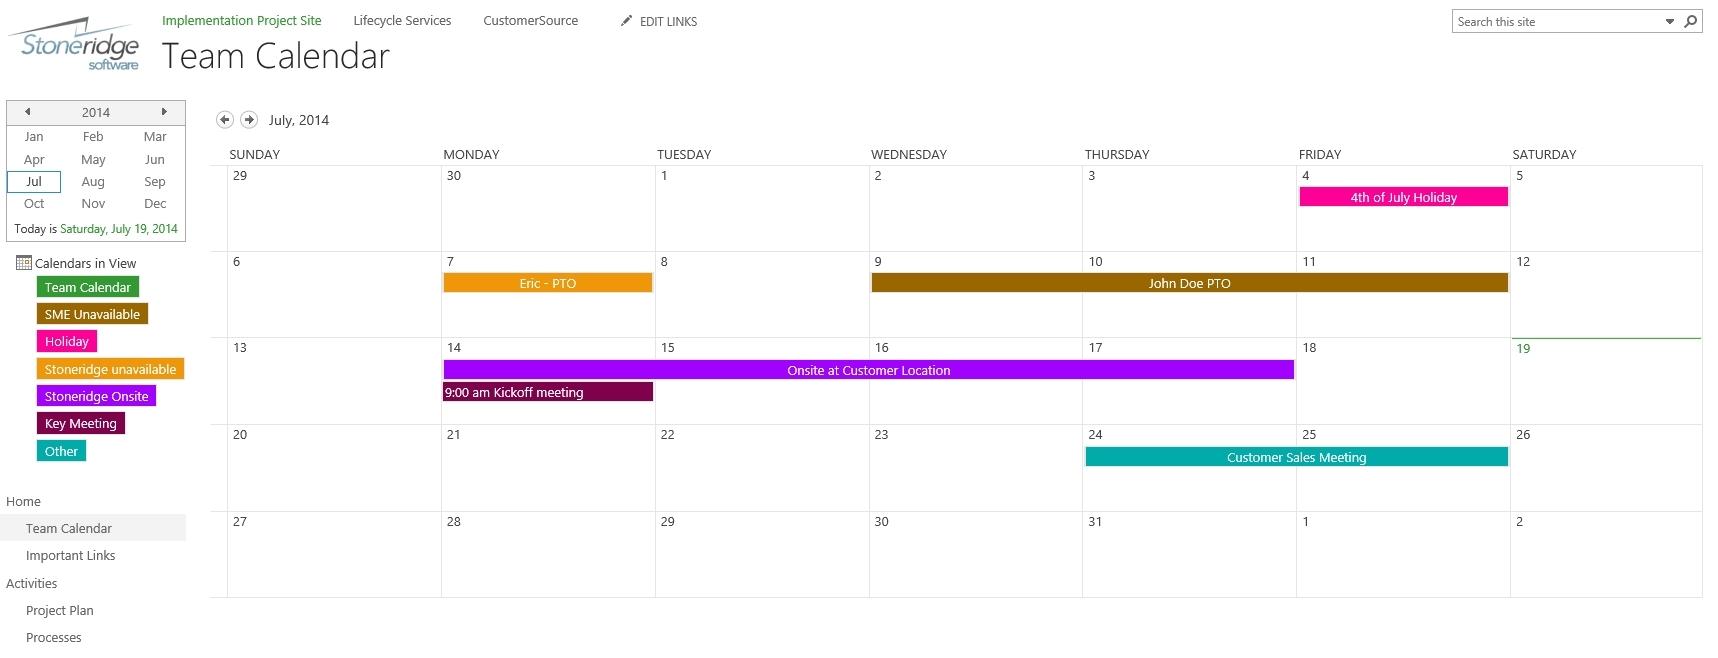 Sharepoint 2013 Calendar Overlay Duplicate - Calendar